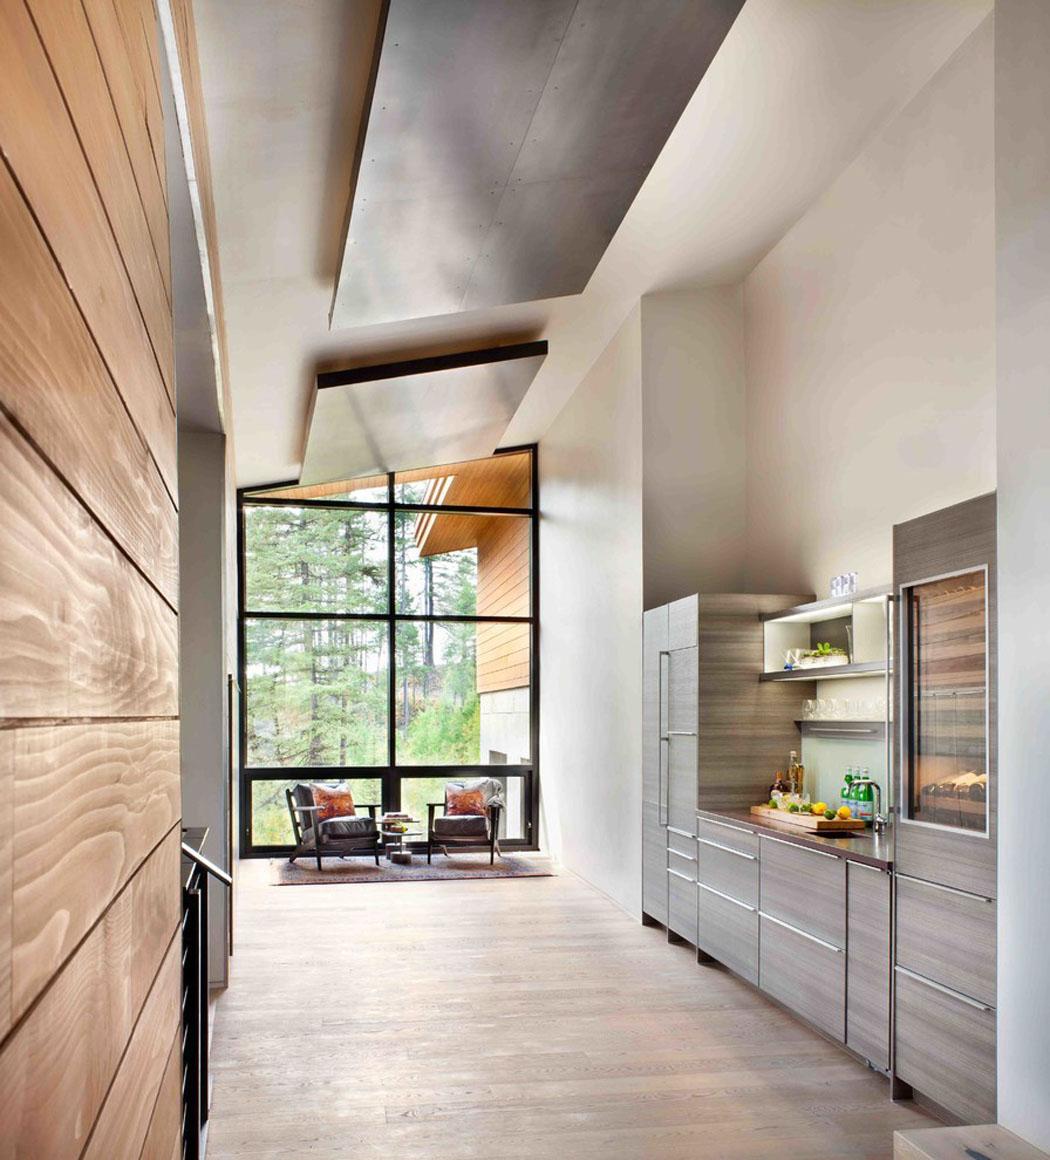 moderne maison rustique l architecture et agencement cr atif au montana vivons maison. Black Bedroom Furniture Sets. Home Design Ideas